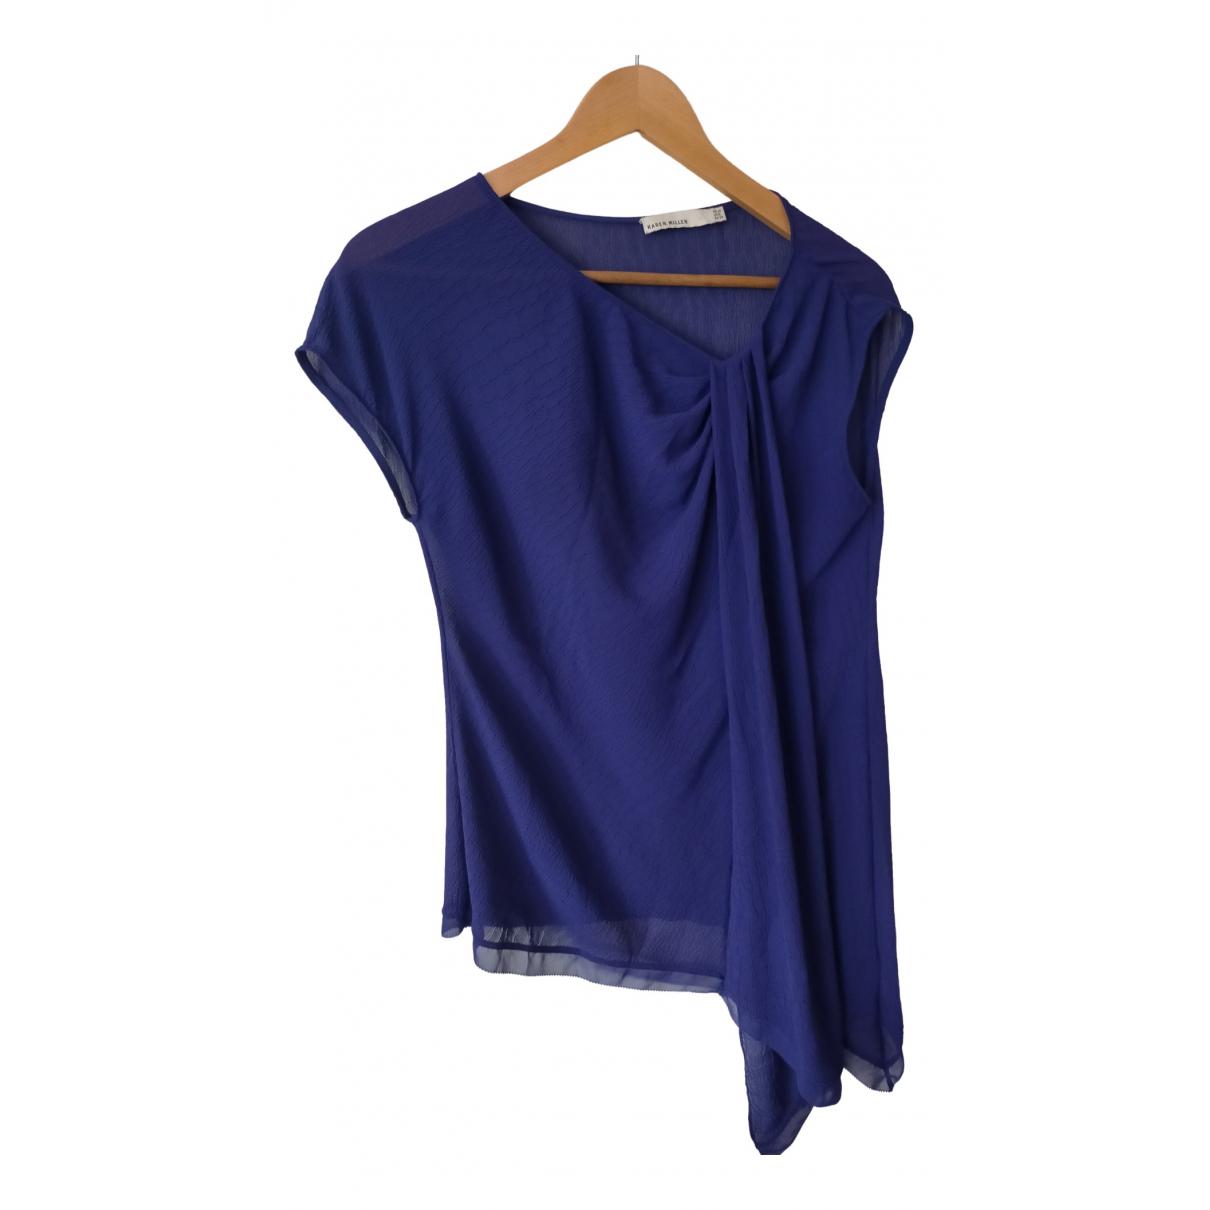 Karen Millen - Top   pour femme - bleu